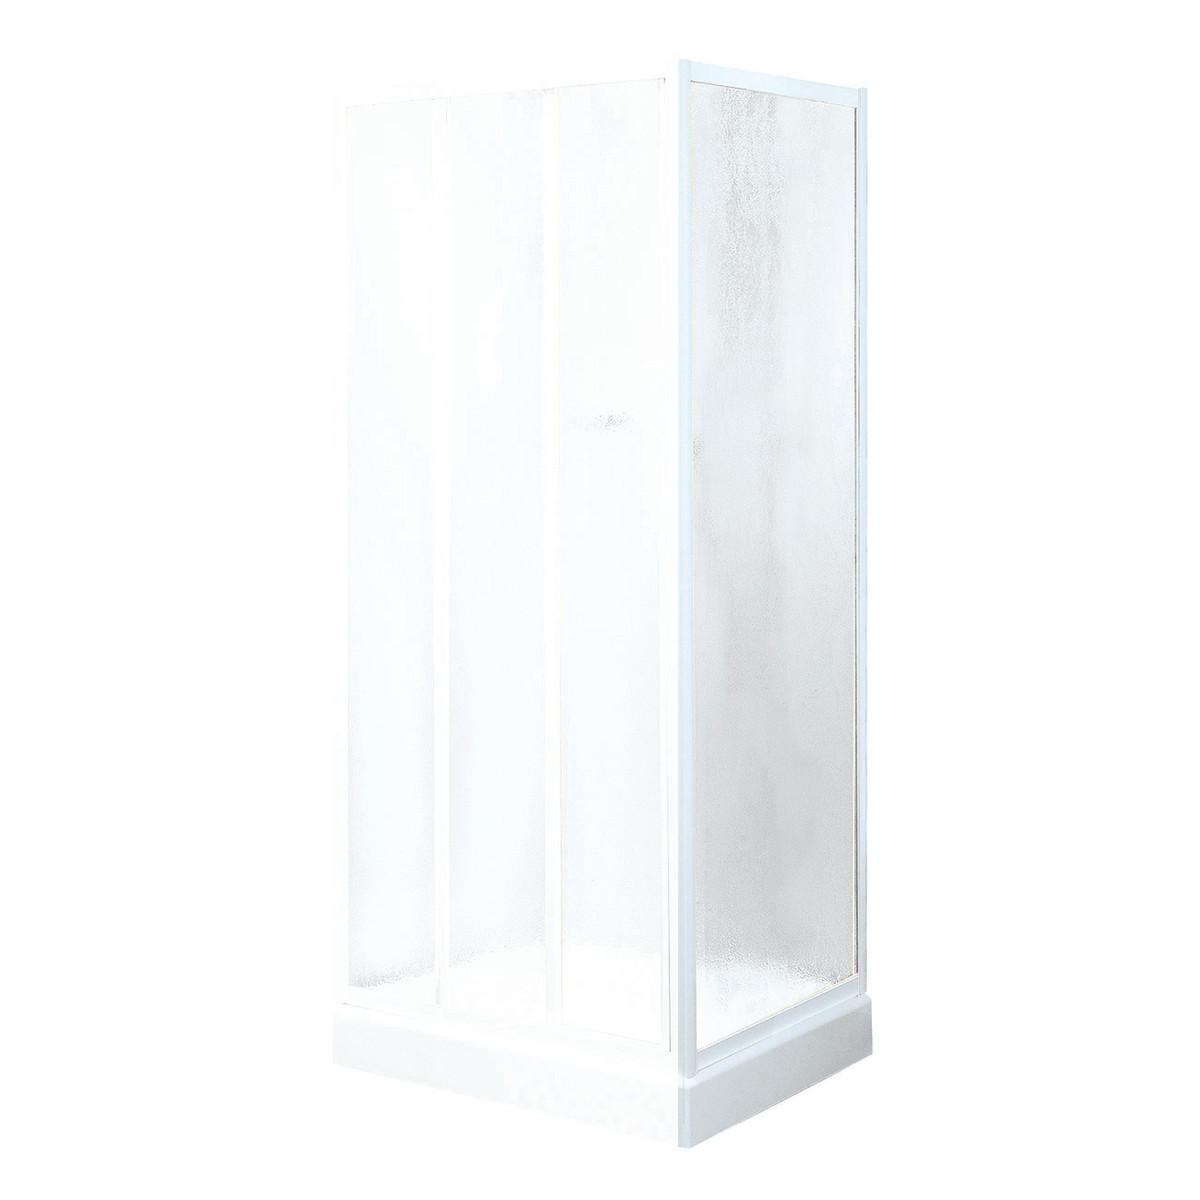 Grandform piatto doccia 110x70 prezzo e offerte sottocosto for Piatto doccia leroy merlin